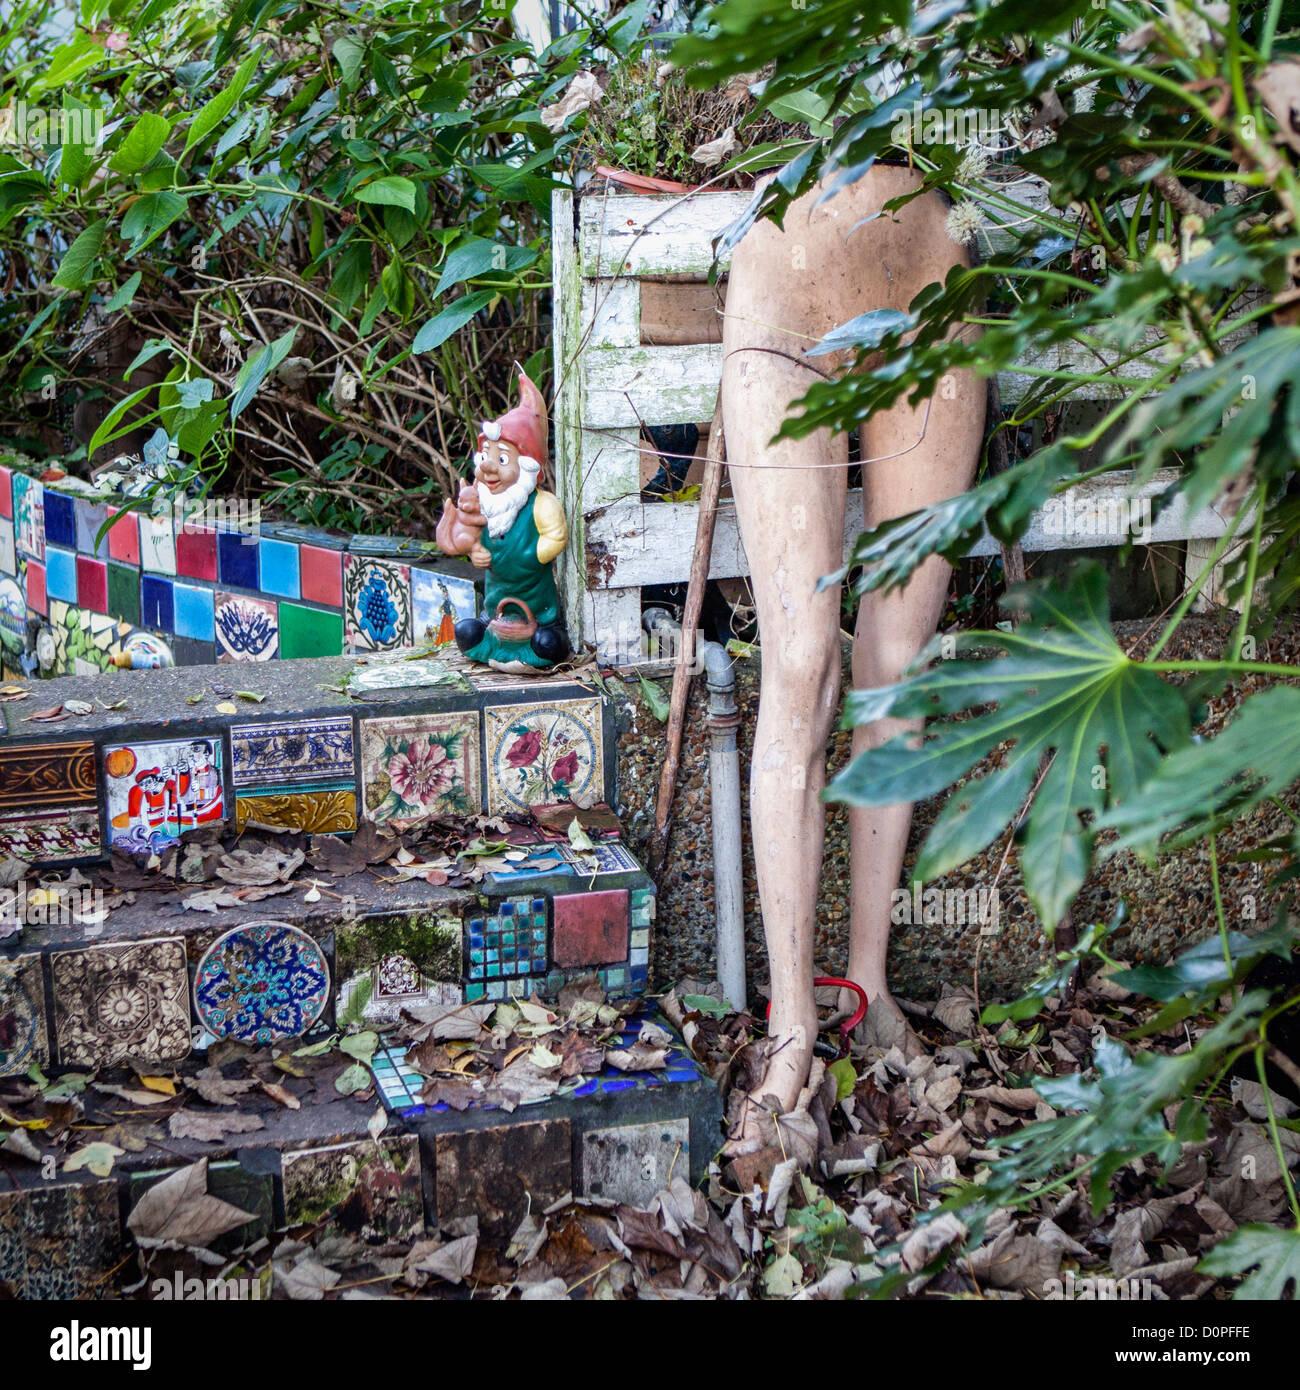 Stravagante giardino anteriore di una casa sulla torta di Anguilla isola che è sede di una comunità creativa Immagini Stock